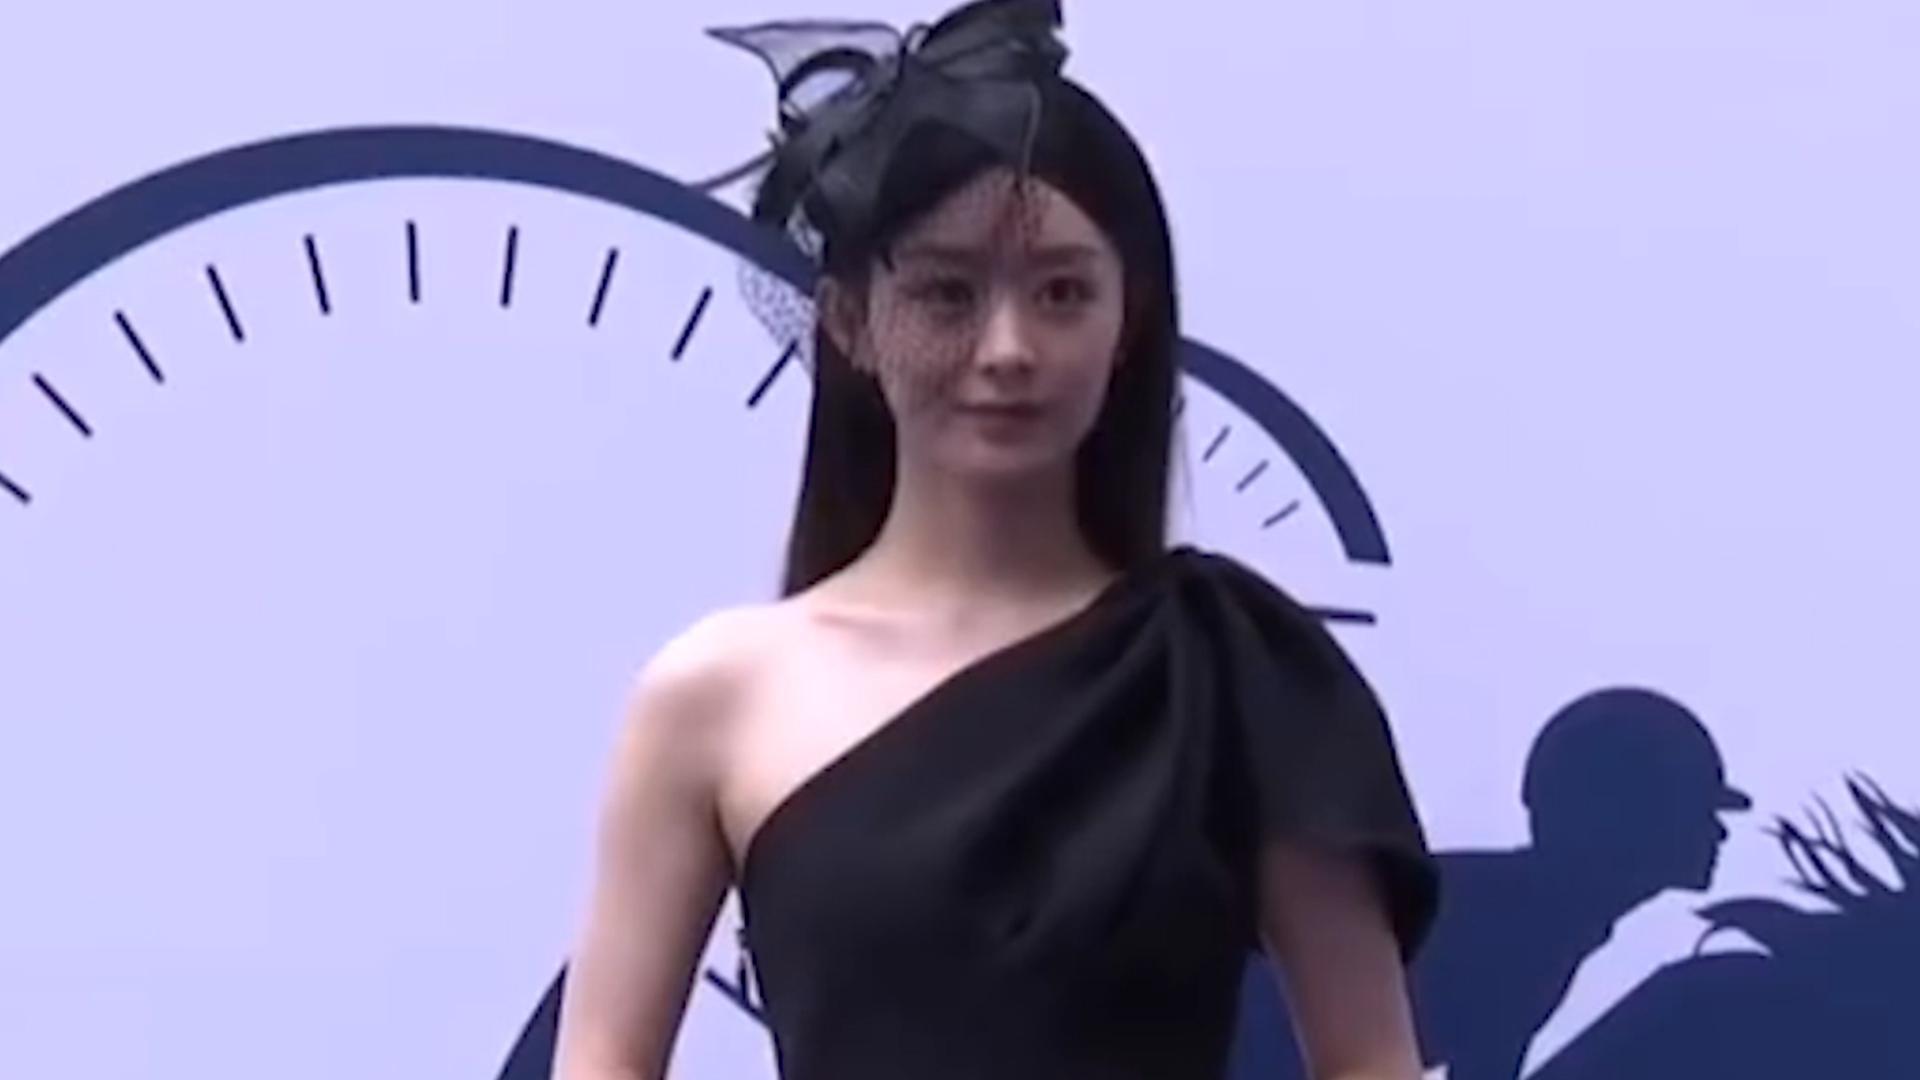 赵丽颖一袭黑裙现身活动,妆发精致略显妩媚,一改产前温婉形象